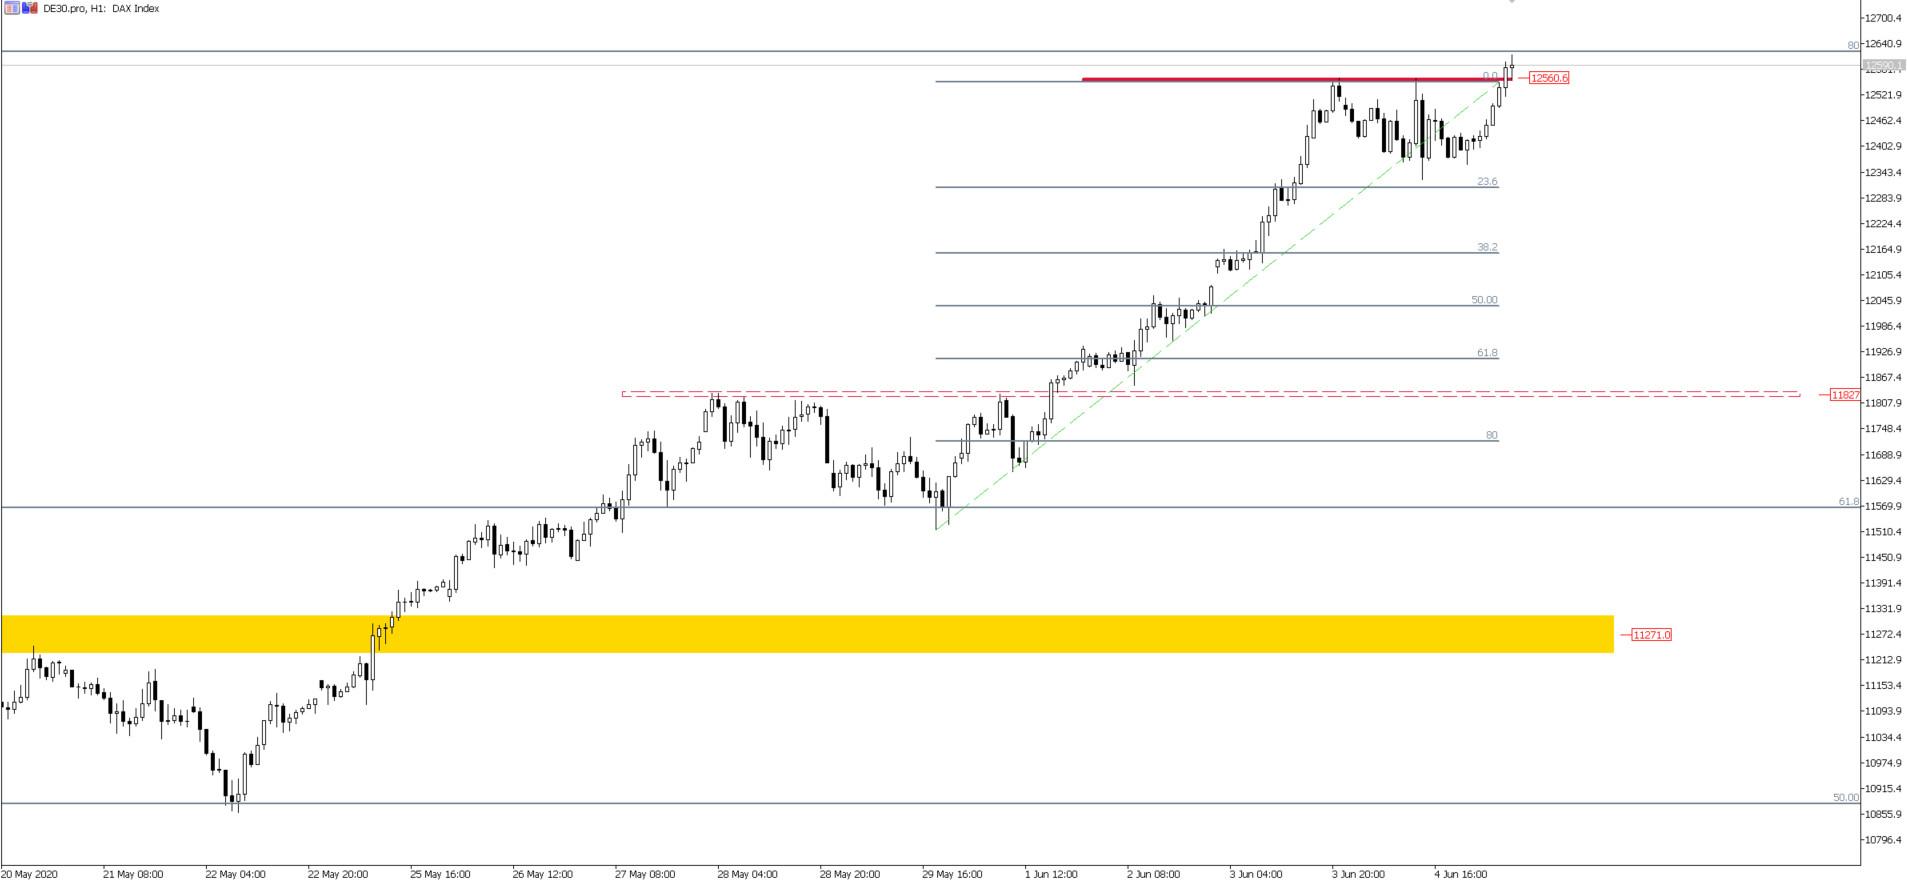 DE30, H1, TMS Brokers